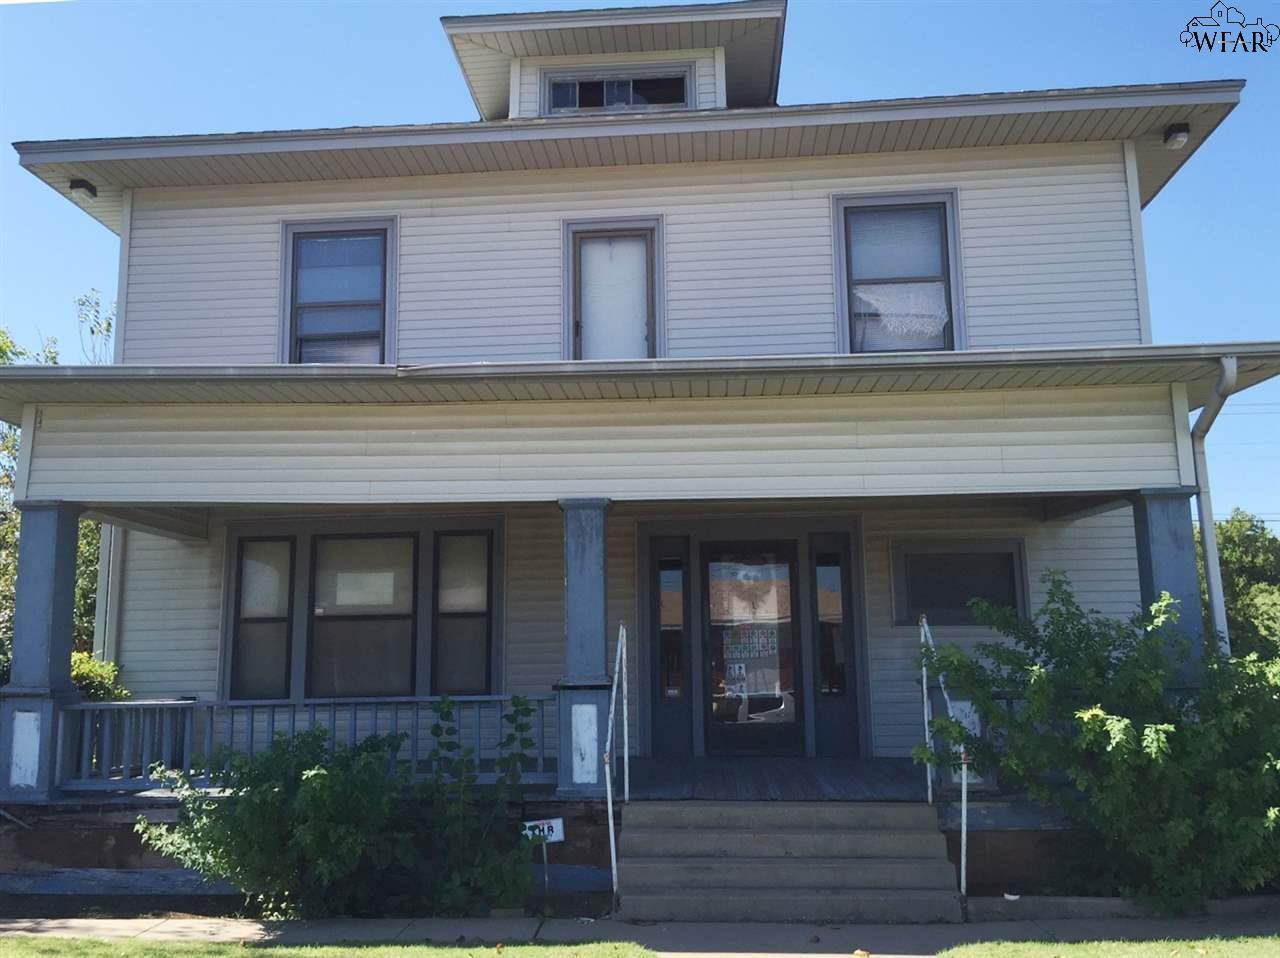 1200 AUSTIN STREET, Wichita Falls, TX 76301